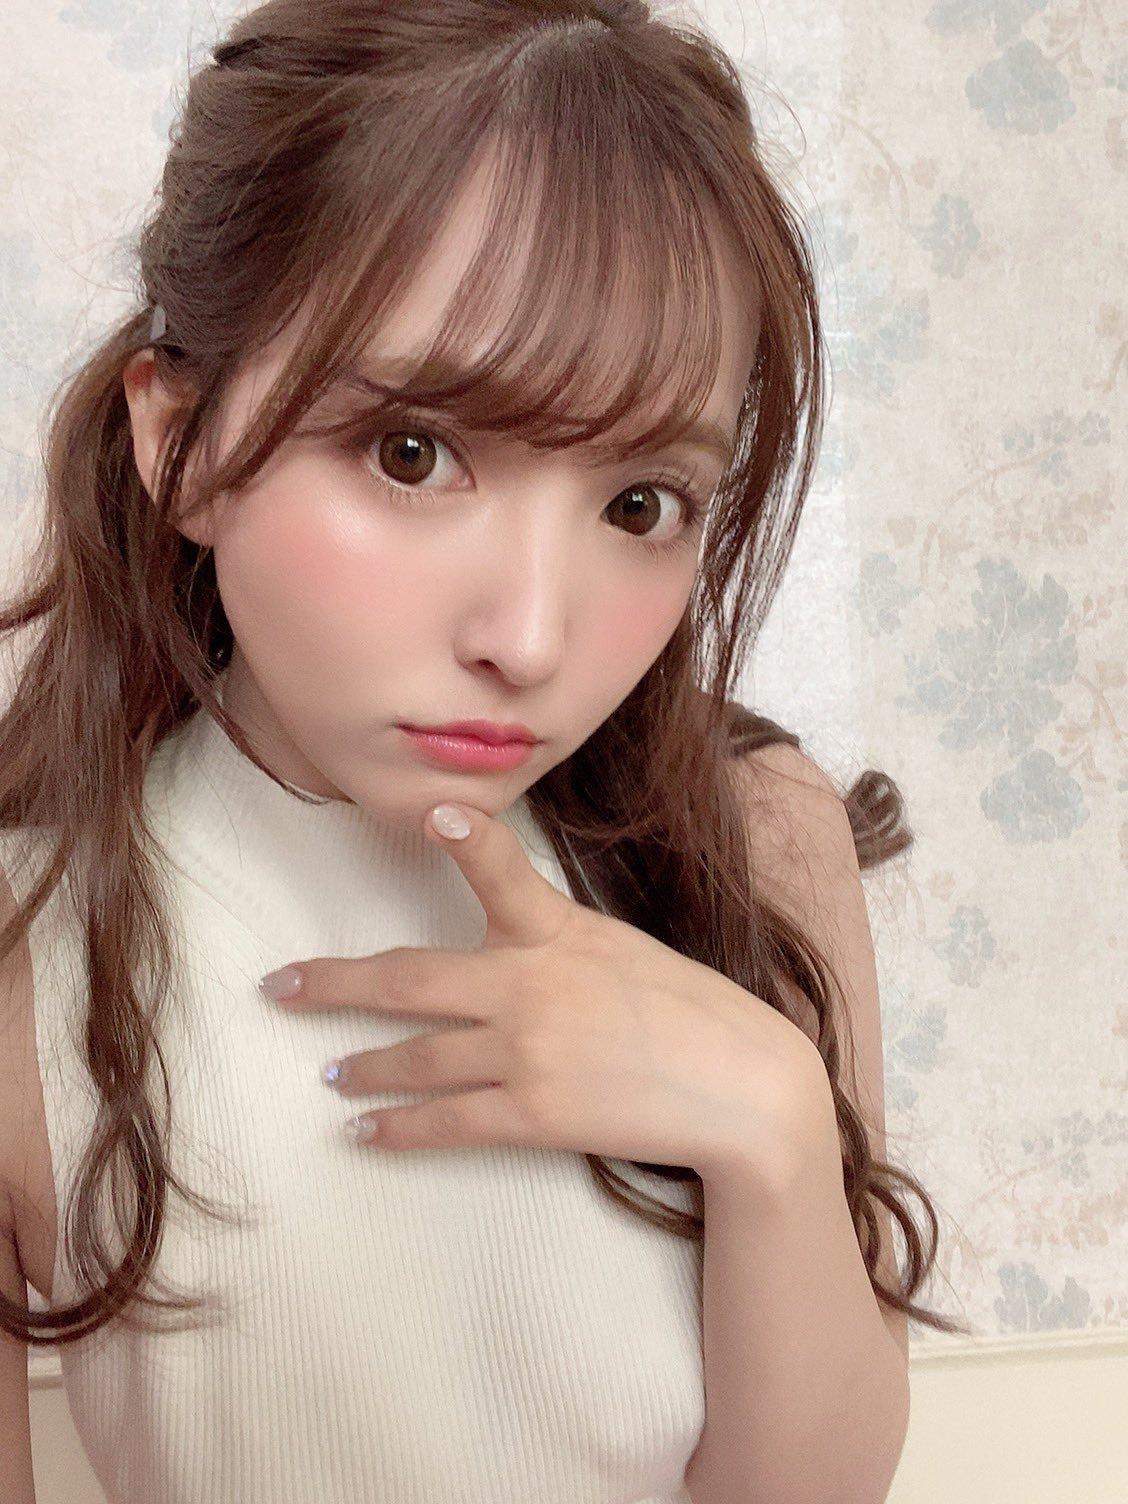 yua_mikami 1271295185364770817_p1